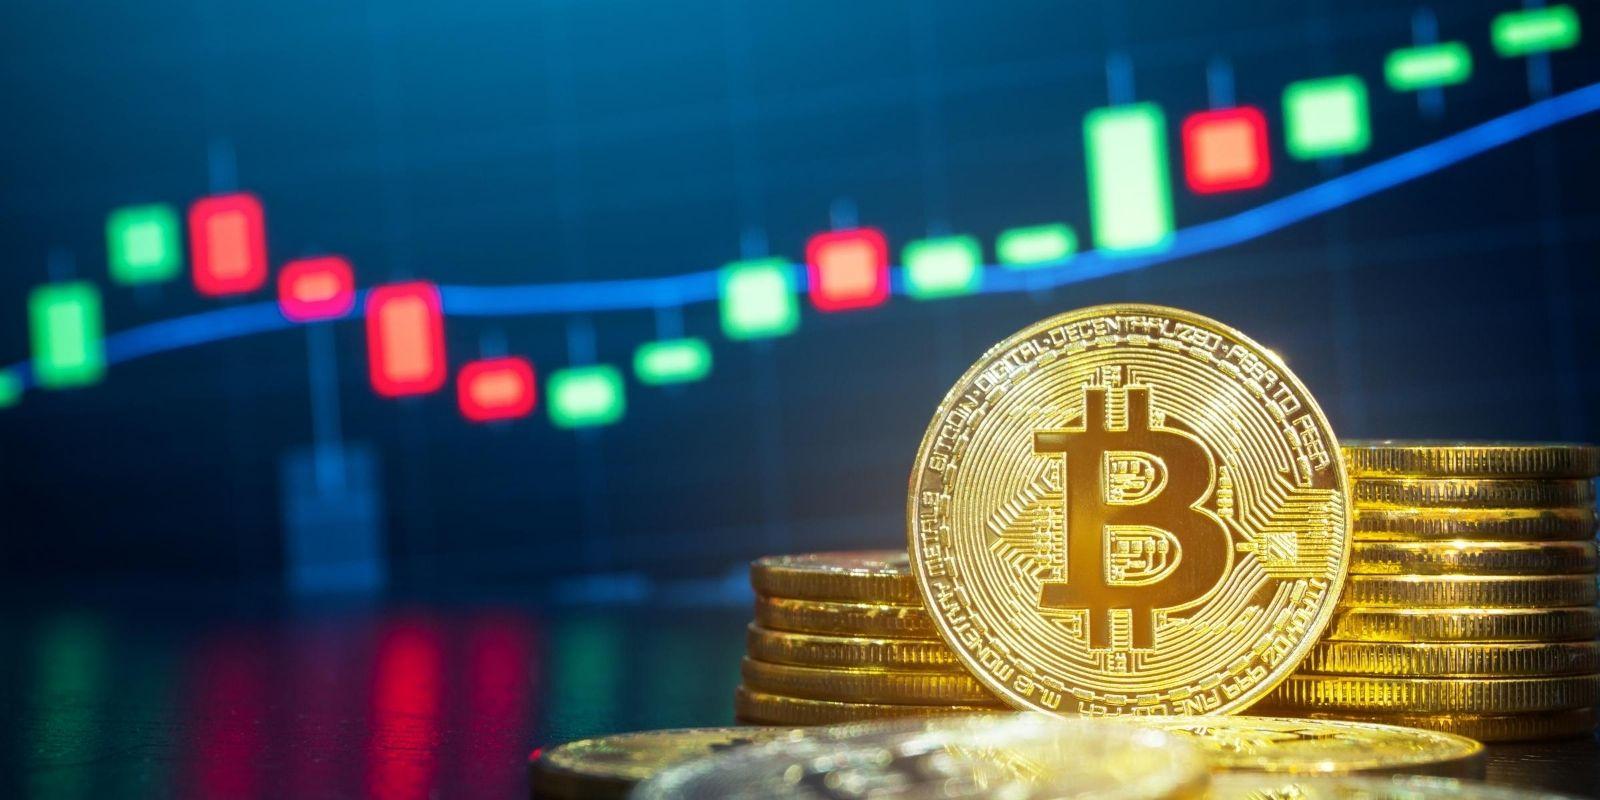 Le Bitcoin (BTC) consolide de nouveau entre support et résistance